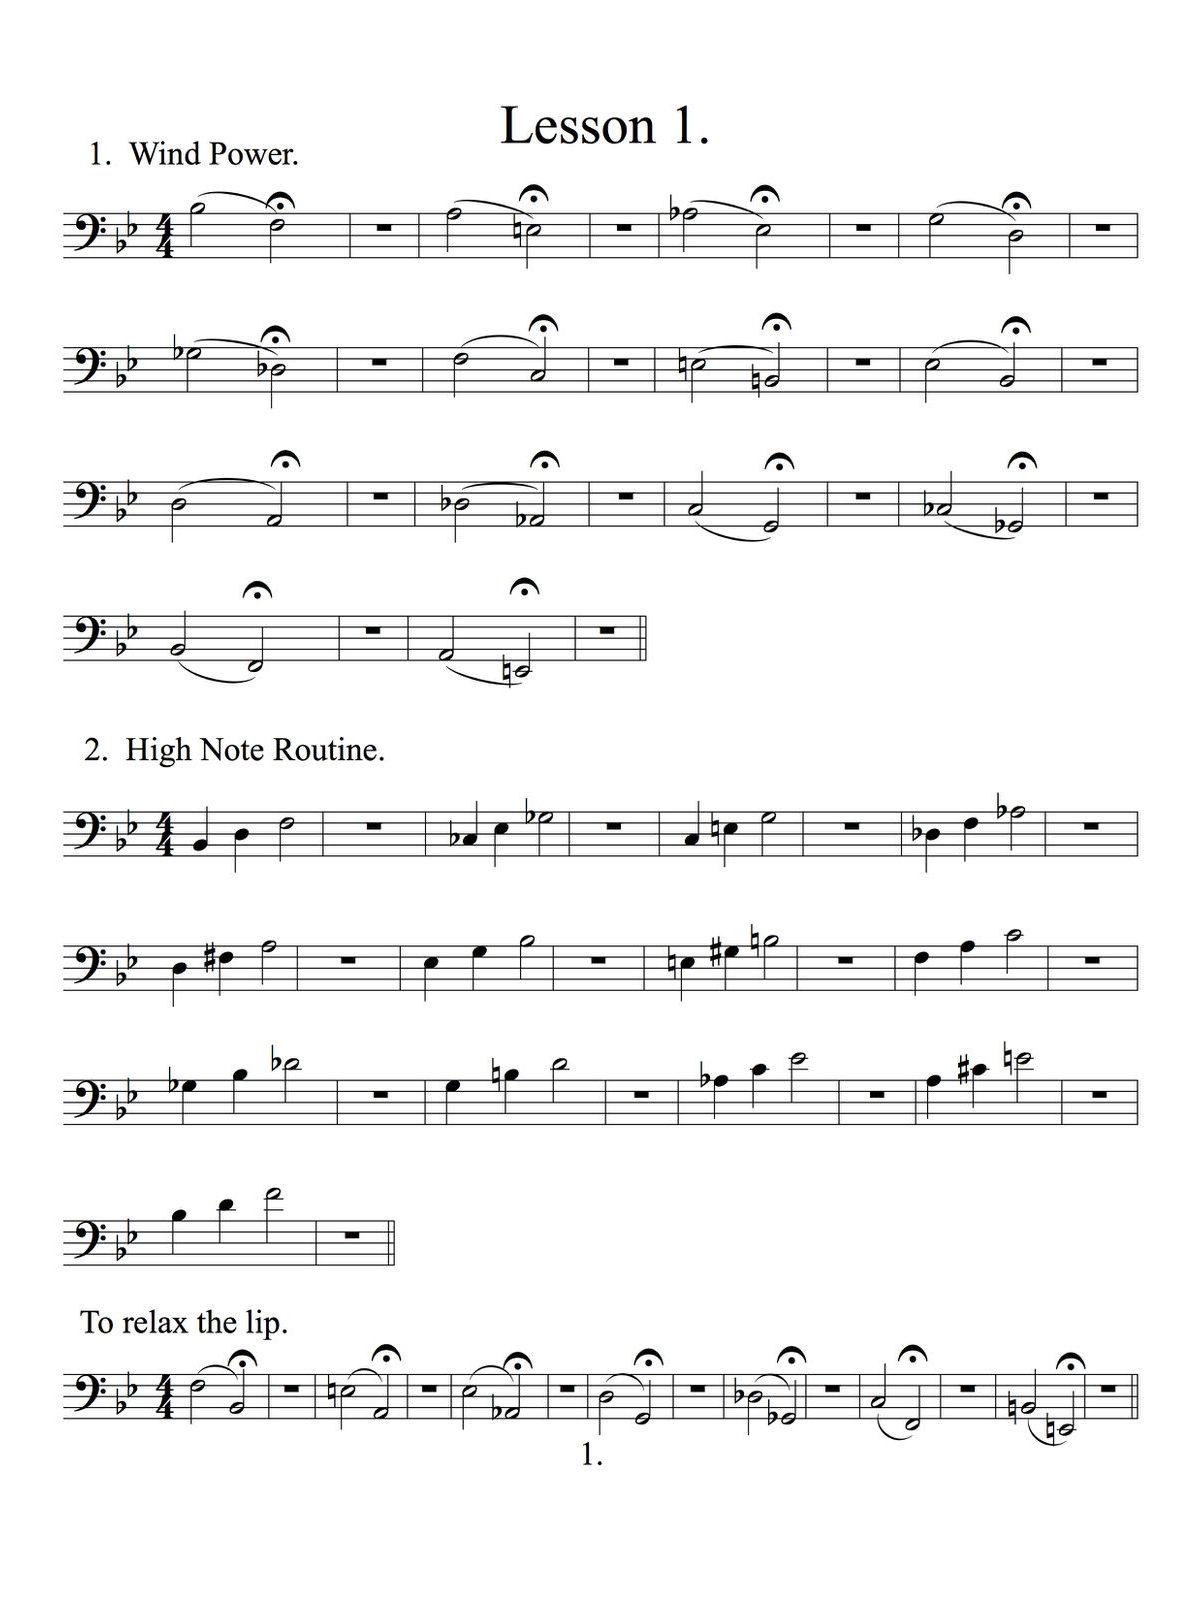 knevitt-developing-trombone-player-3